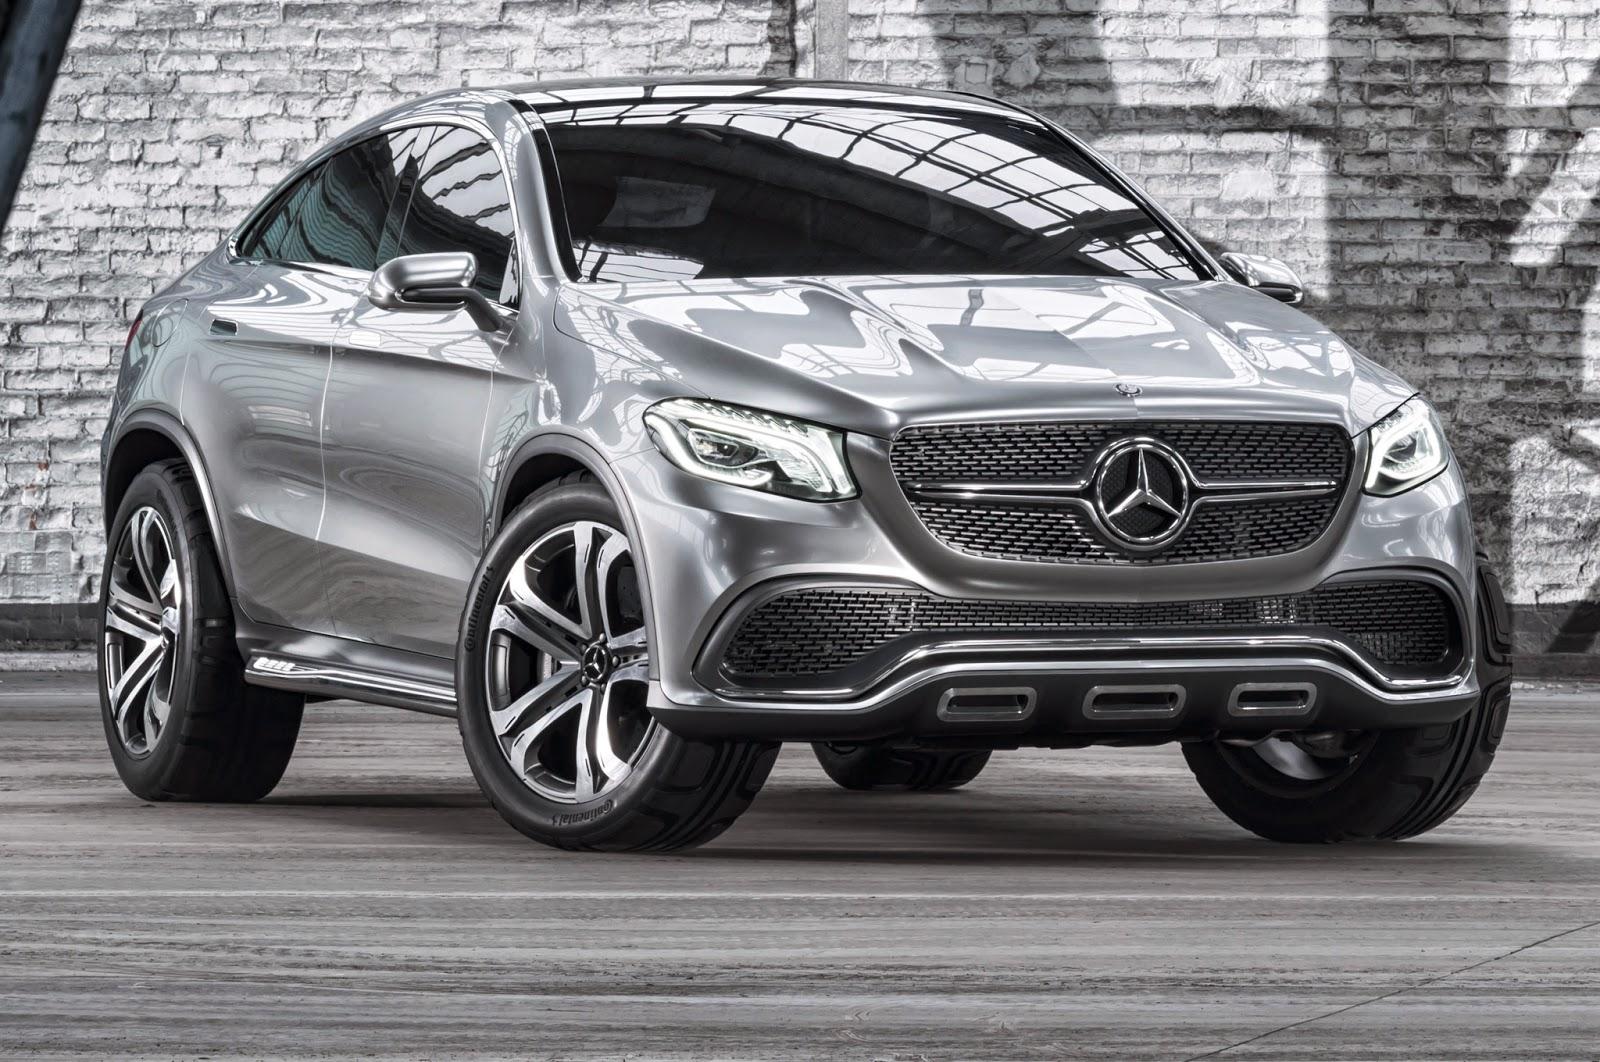 2014 Mercedes-Benz Concept Coupé SUV | Cars Today